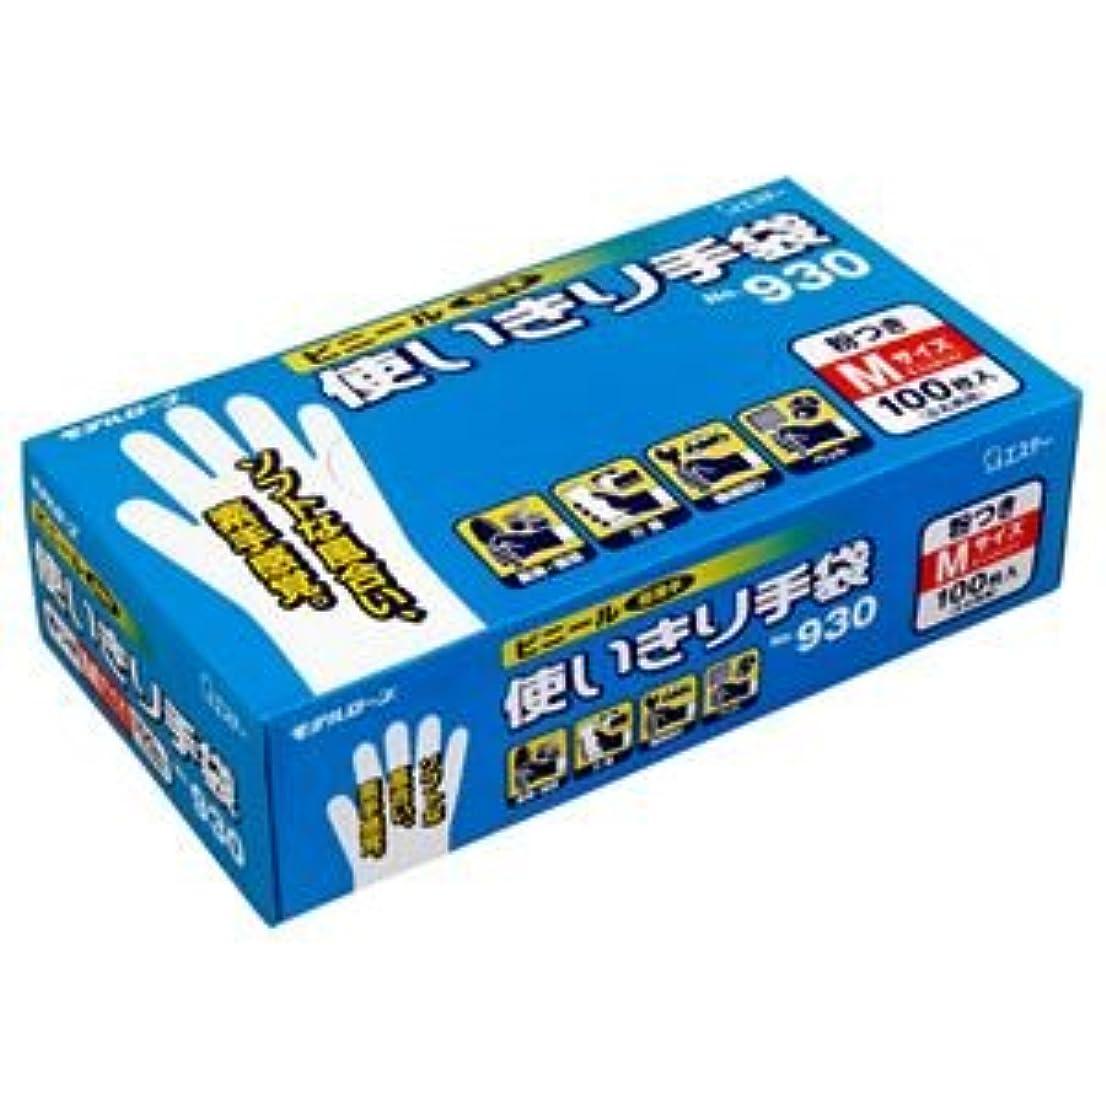 インサート感謝祭フレッシュ(まとめ) エステー No.930 ビニール使いきり手袋(粉付) M 1箱(100枚) 【×5セット